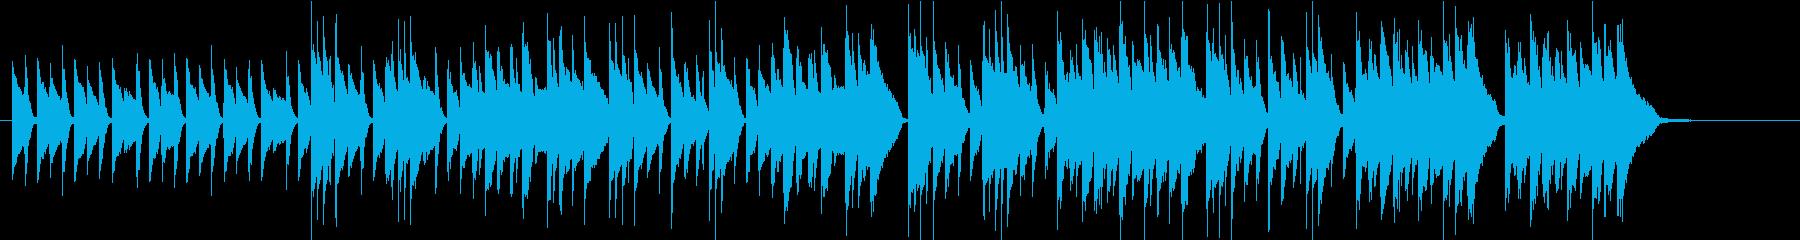 優しいワルツ、アコースティックサウンドの再生済みの波形